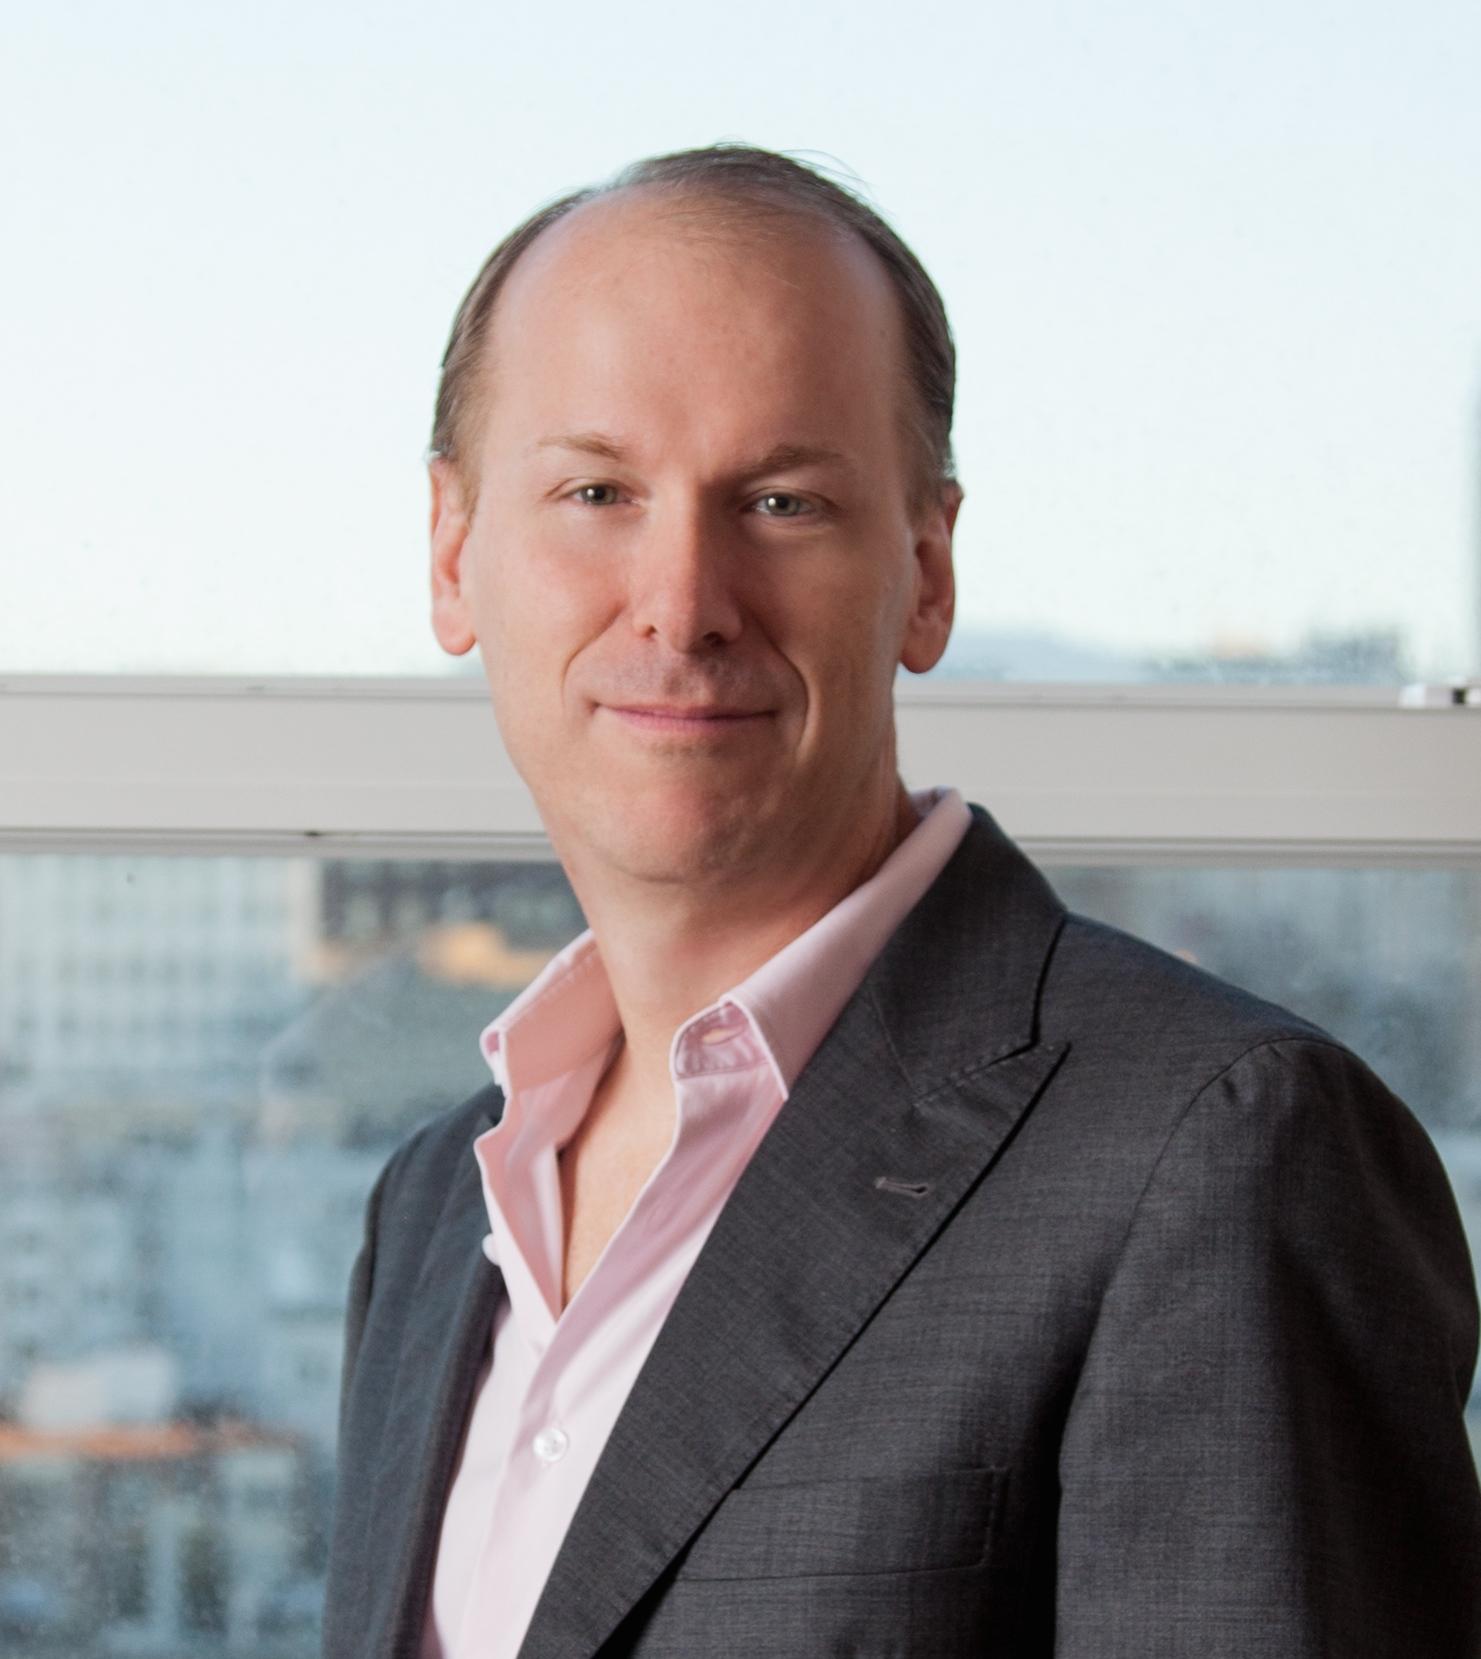 Michael DeCesare, Präsident und CEO von ForeScout